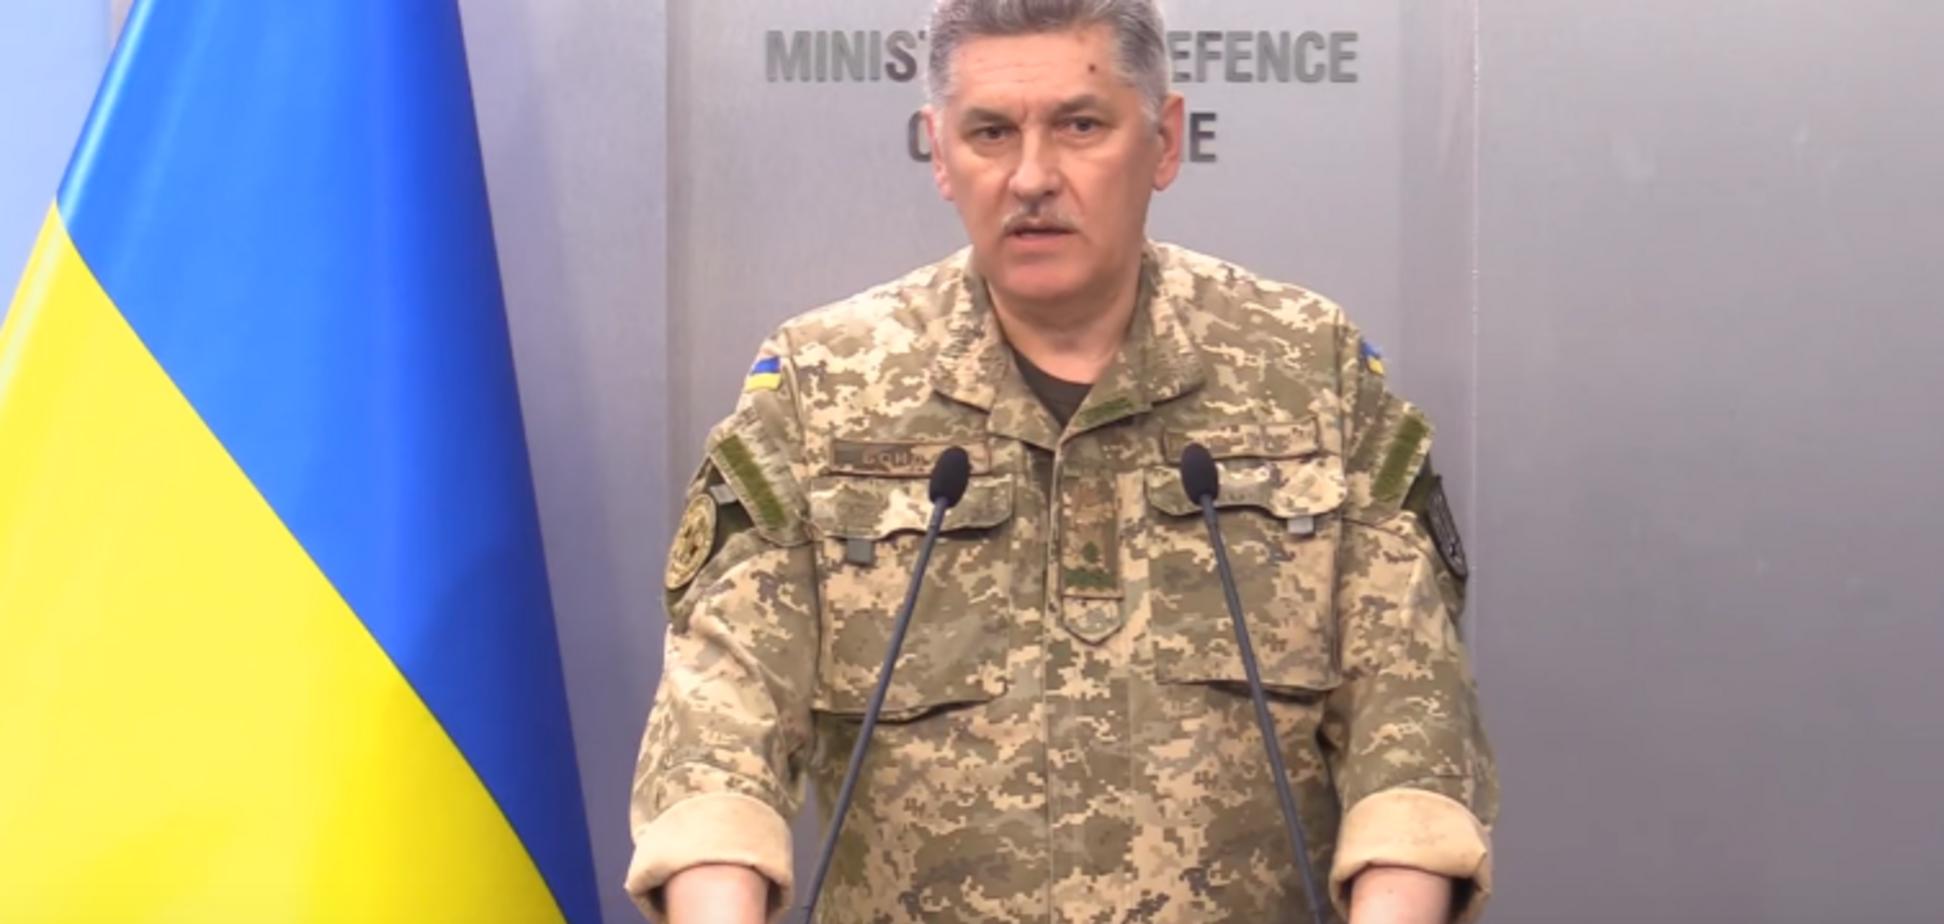 Не стрелять в ответ: в ООС ответили на скандальное заявление Кучмы по Донбассу